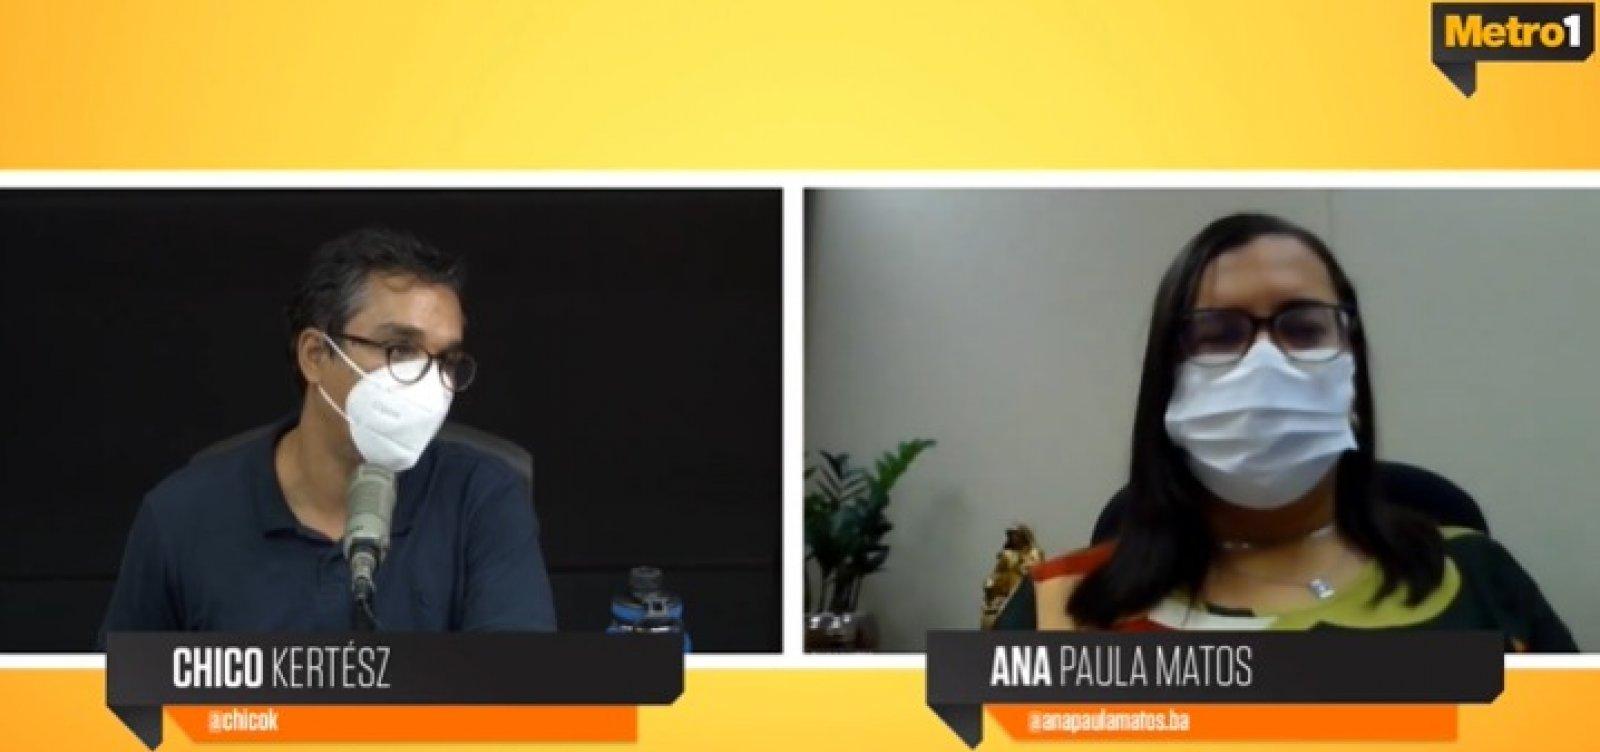 """""""A gente fica a mercê do comportamento de cada um"""", diz Ana Paula Matos sobre combate à pandemia"""